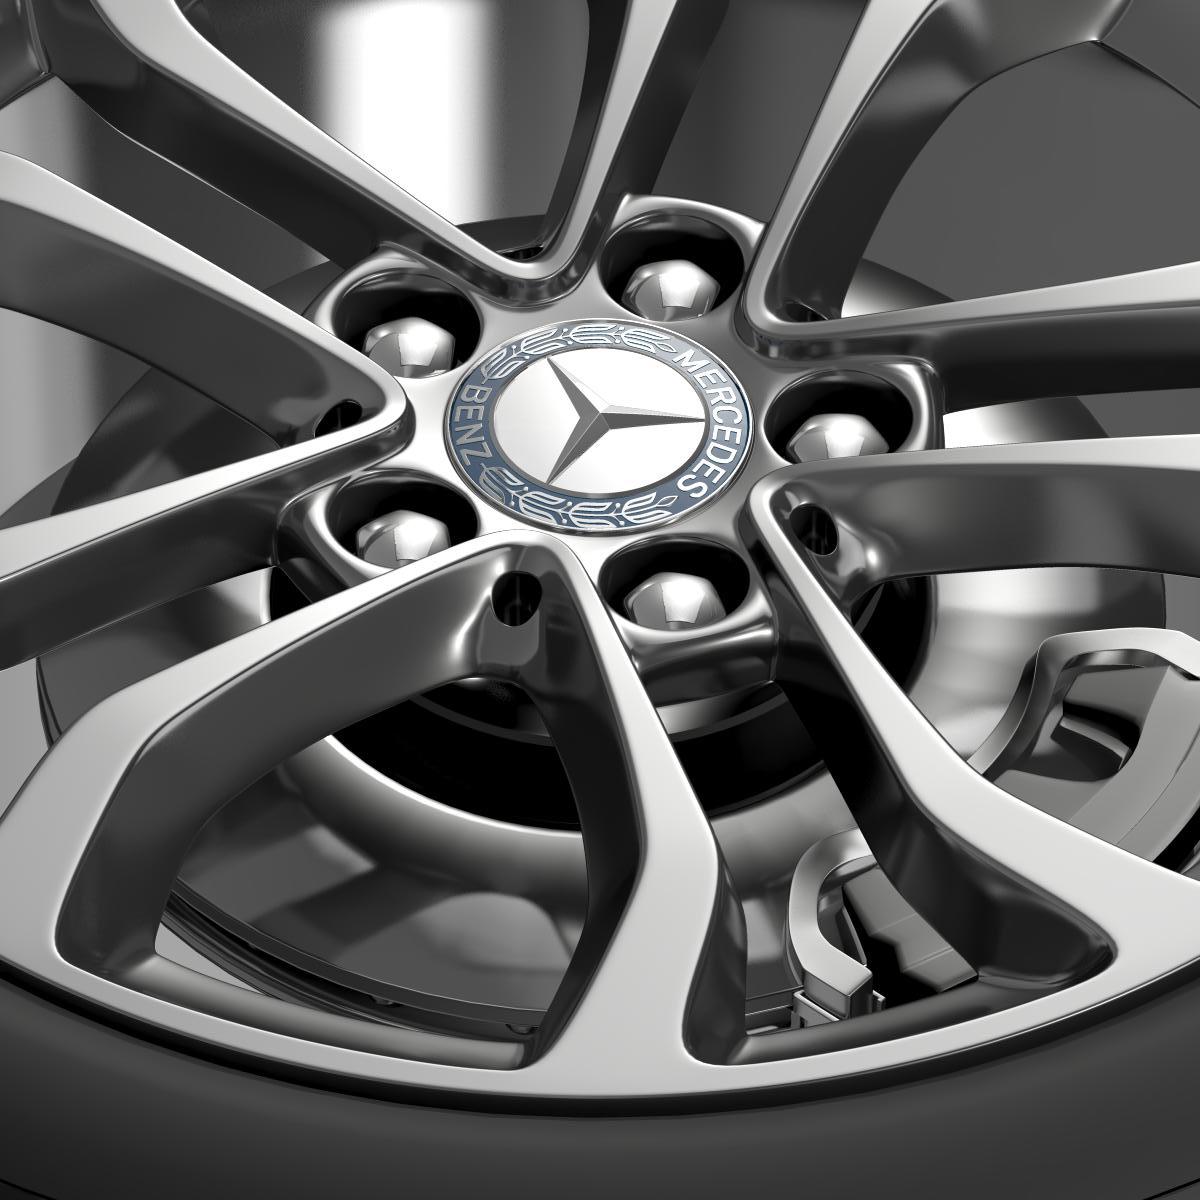 mercedes benz c 220 wheel 3d model 3ds max fbx c4d lwo ma mb hrc xsi obj 210759